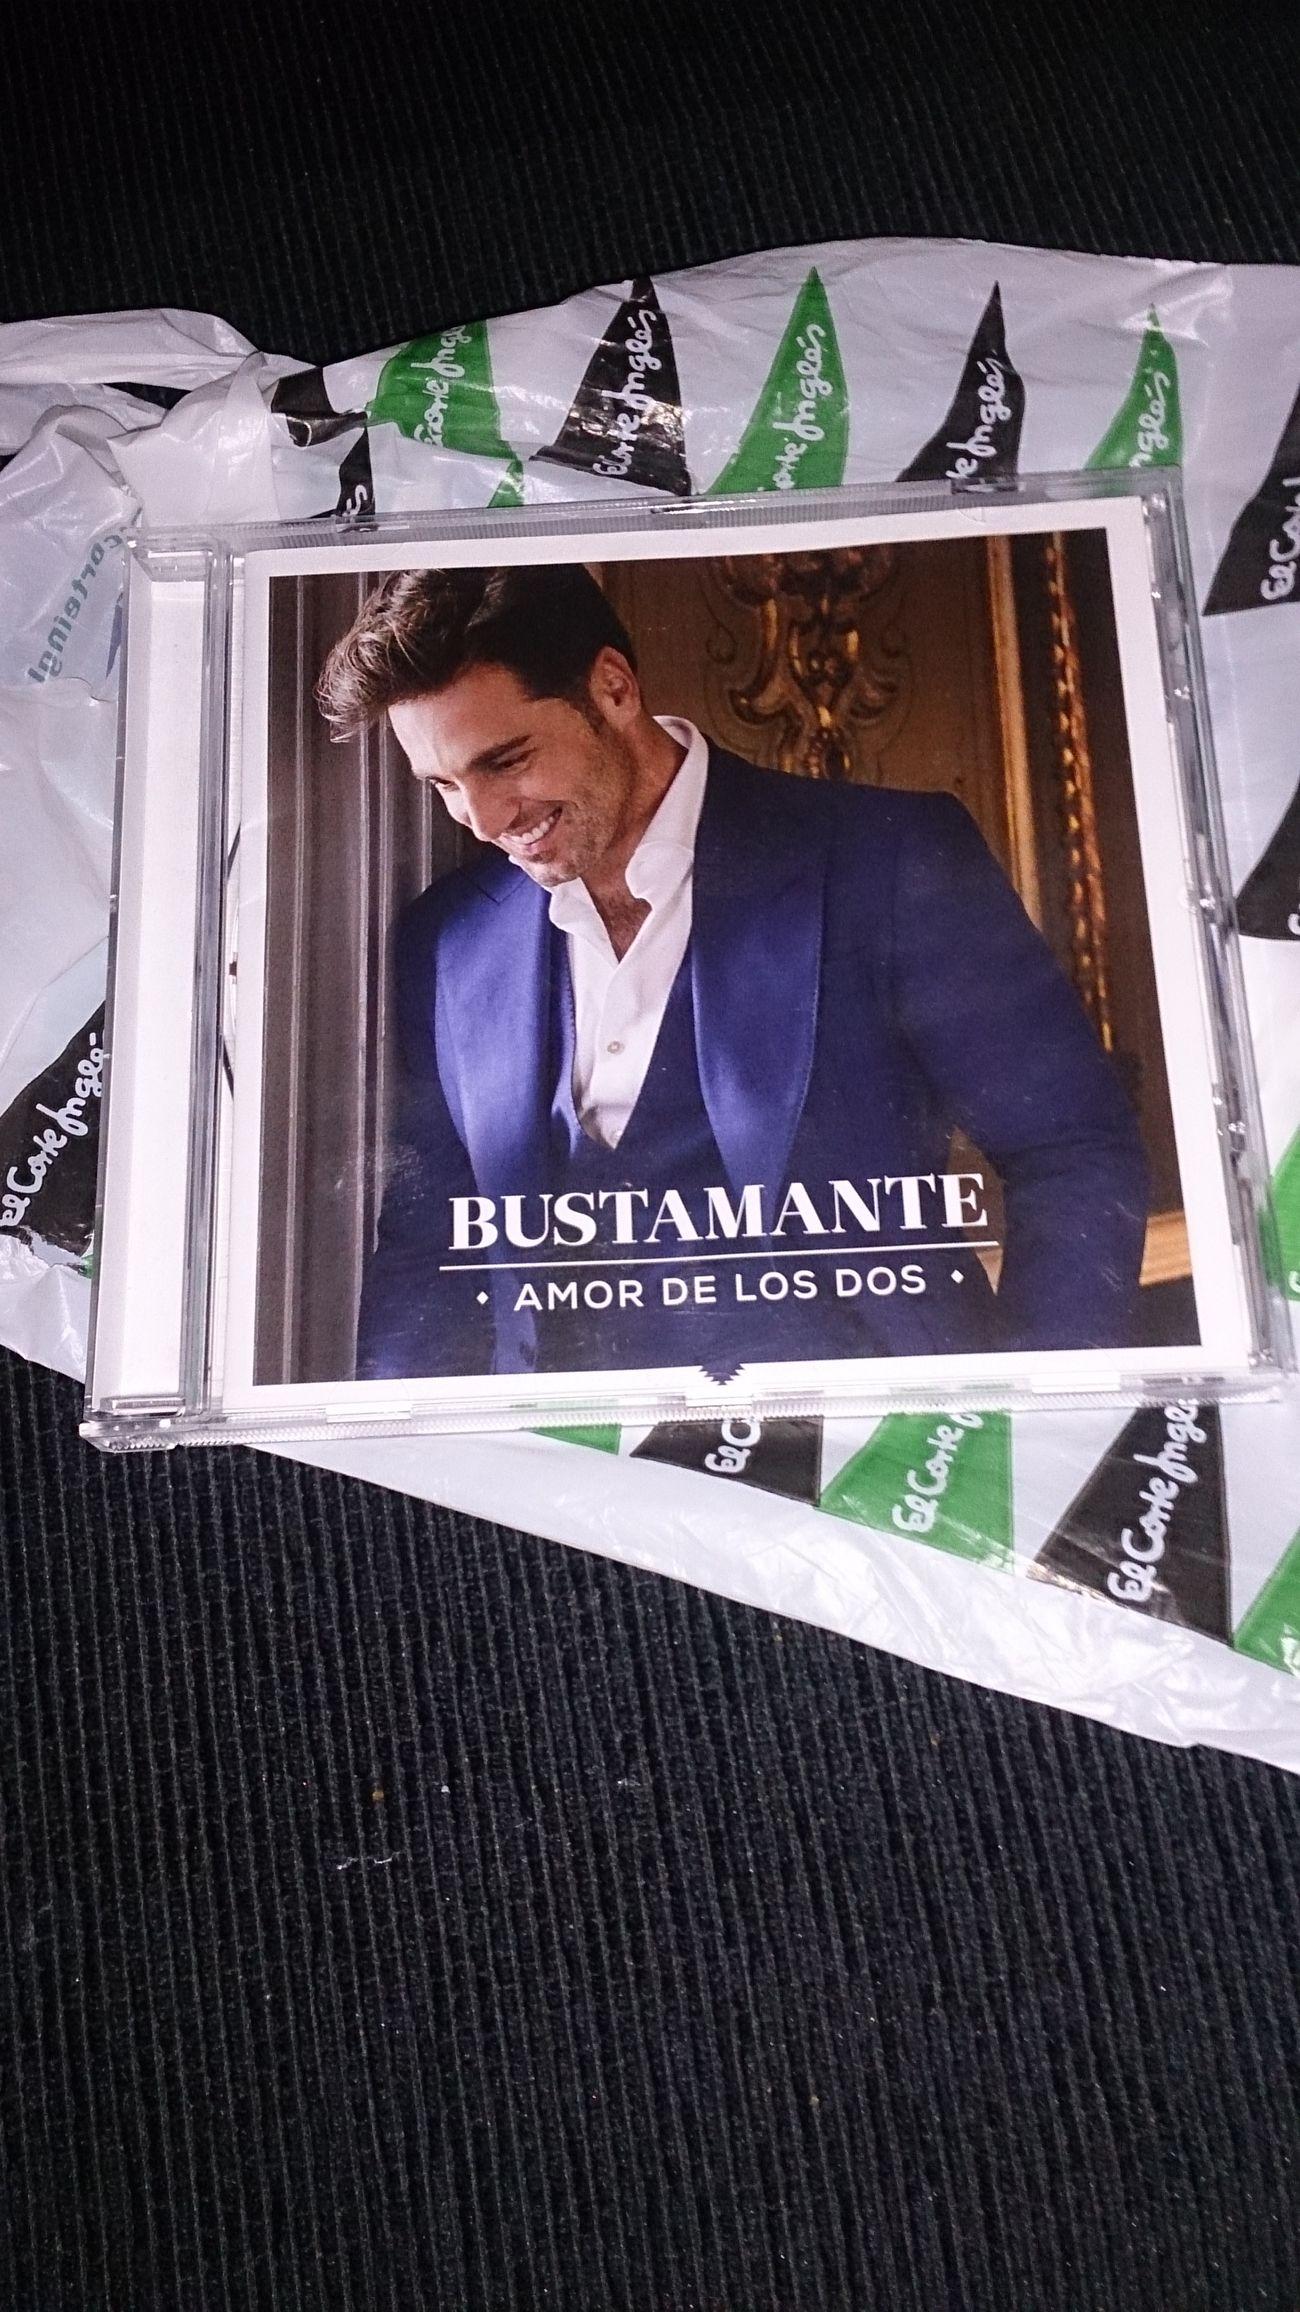 El nuevo Disco de mi Cantante favorito David Bustamante